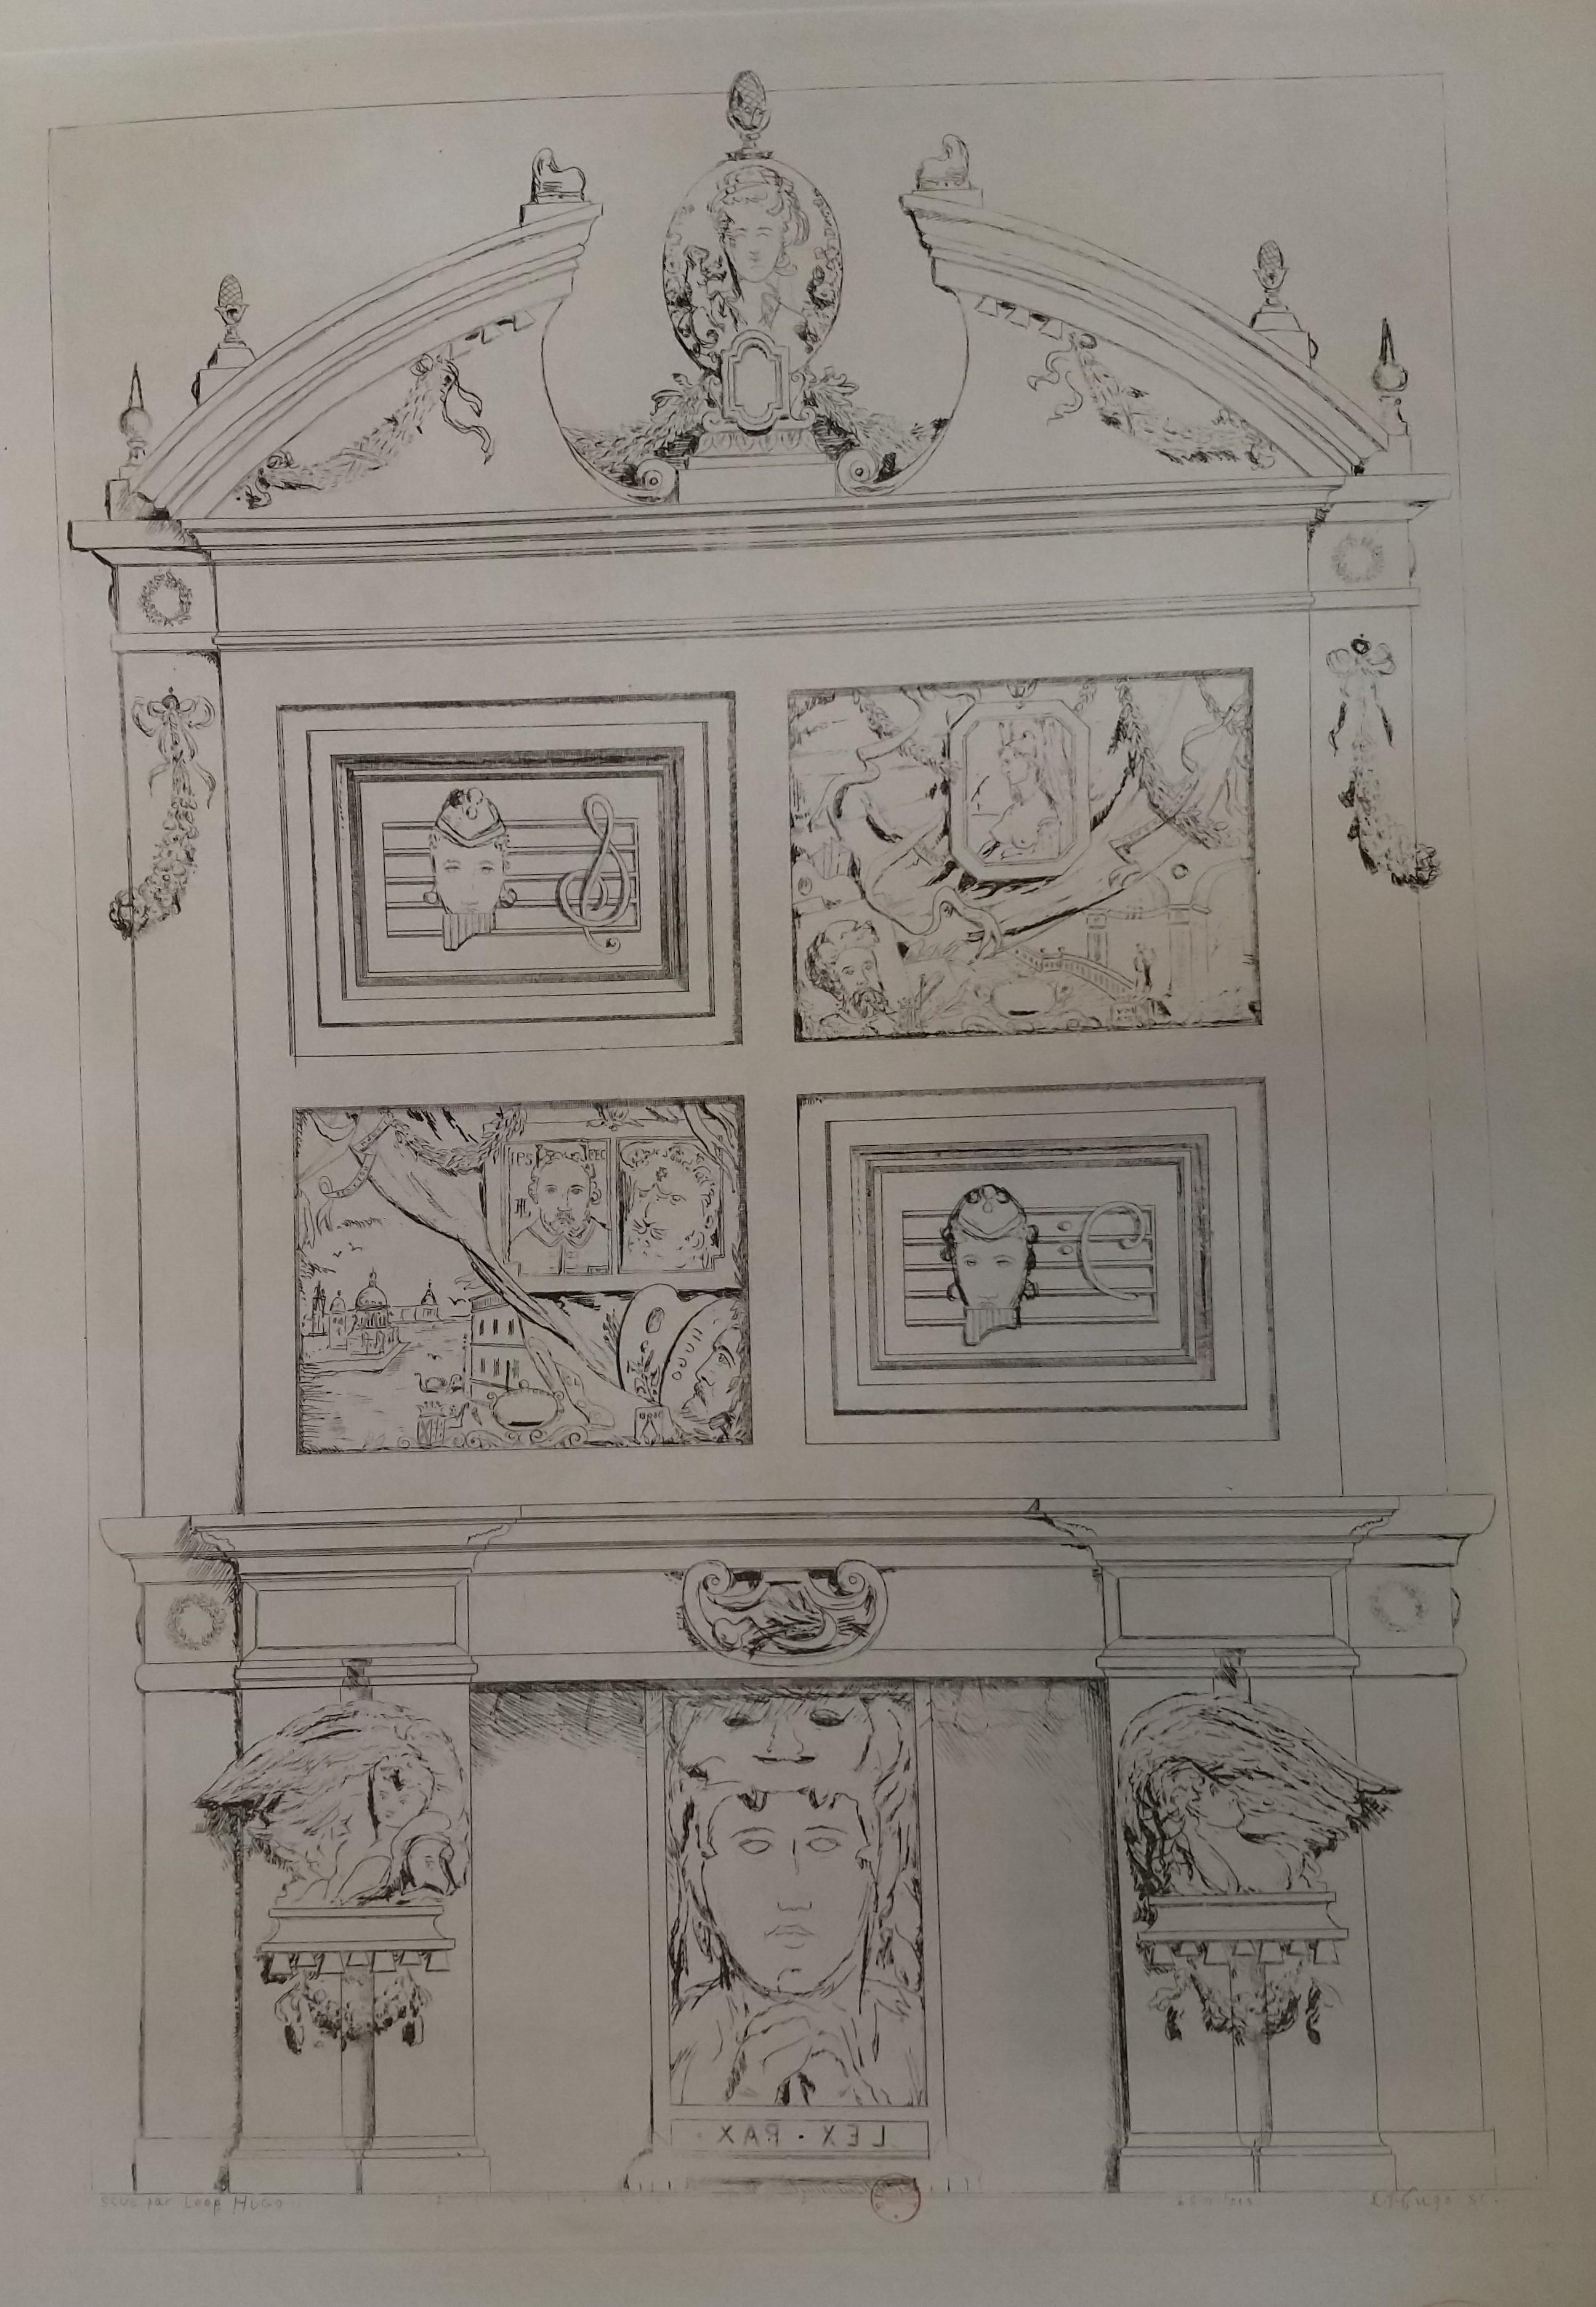 rmand Hugo BNF Facade de meuble